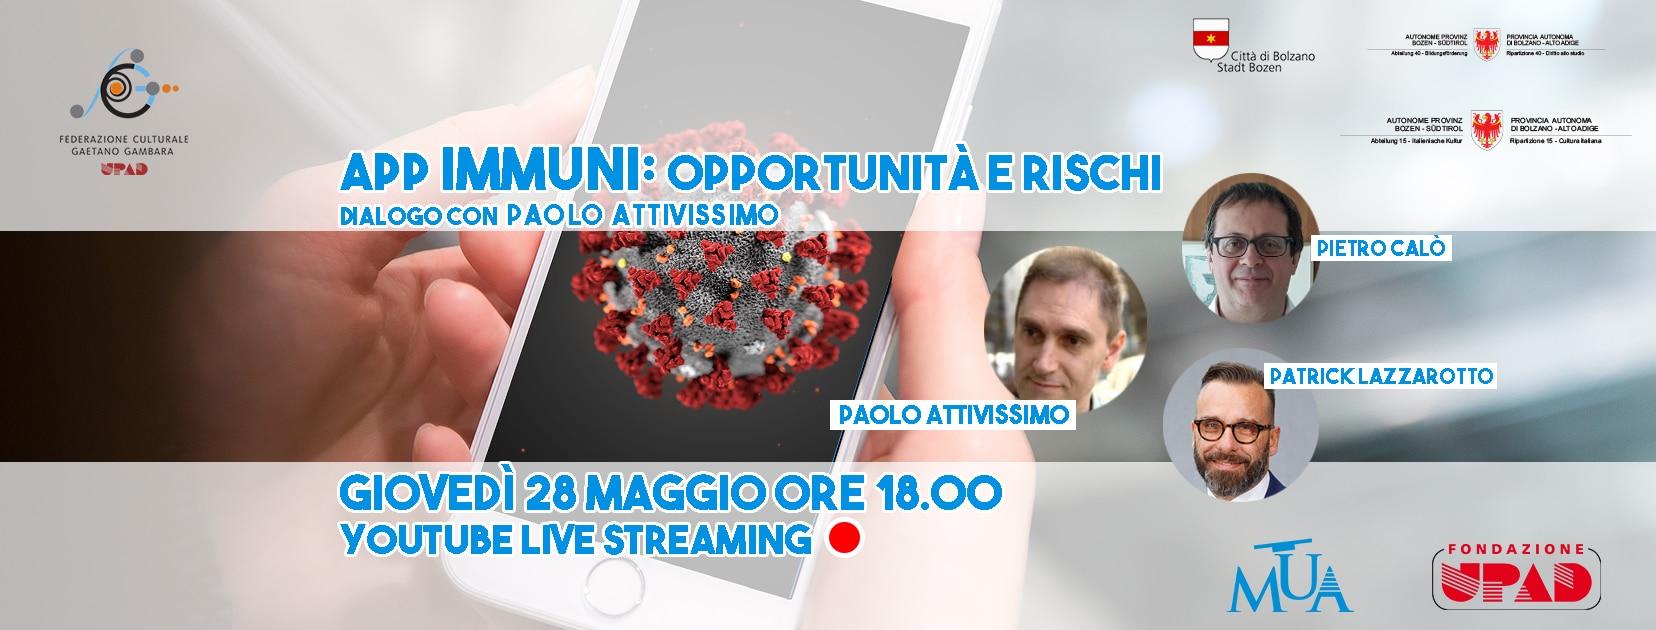 APP IMMUNI: Opportunità e rischi; questa sera alle ore 18:00 sul canale Youtube di UPAD